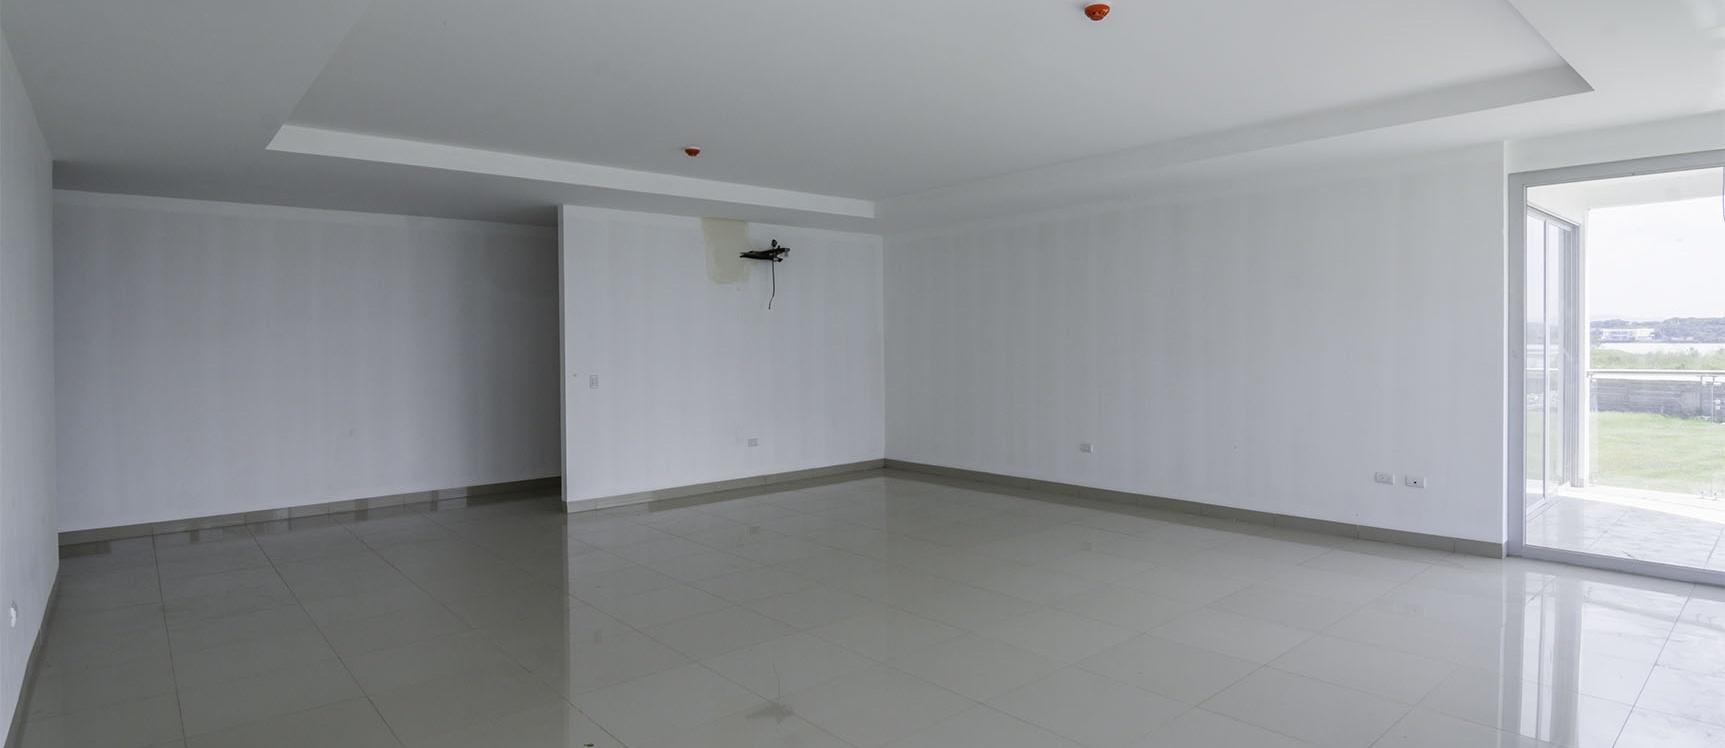 GeoBienes - Departamento en venta en la Isla Mocolí - Urbanización Dubái, Vía Samborondón - Plusvalia Guayaquil Casas de venta y alquiler Inmobiliaria Ecuador